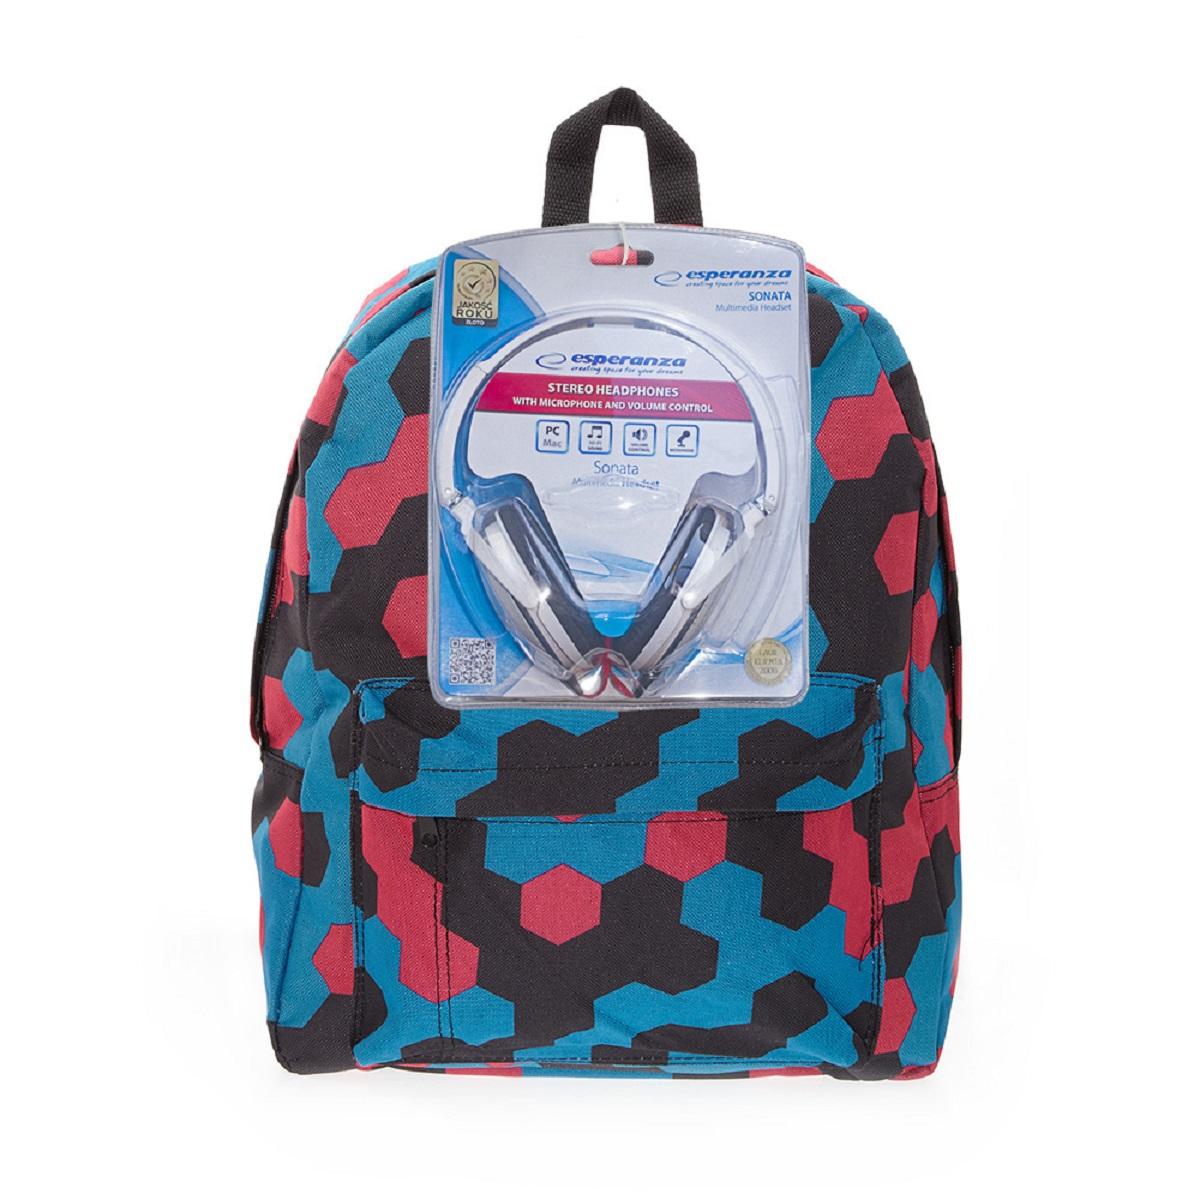 Рюкзак городской 3D Bags Мозаика, 16 л + ПОДАРОК: Наушники3DBC329NСтильный, вместительный и практичный, рюкзак понравится и школьникам, и студентам. Просторный внутренний отсек, наружний карман на молнии будут очень удобны в использовании. В комплект входят белые стереонаушники с мягкими ушными подушками. Длина кабеля 2м, разъем 3,5мм, сопротивление 32 Ом, диапазон часто - 20 Гц-20000 Гц, выходная мощность - 100 мВт.Наушники поставляются в цветовом ассортименте. Поставка осуществляется в зависимости от наличия на складе.